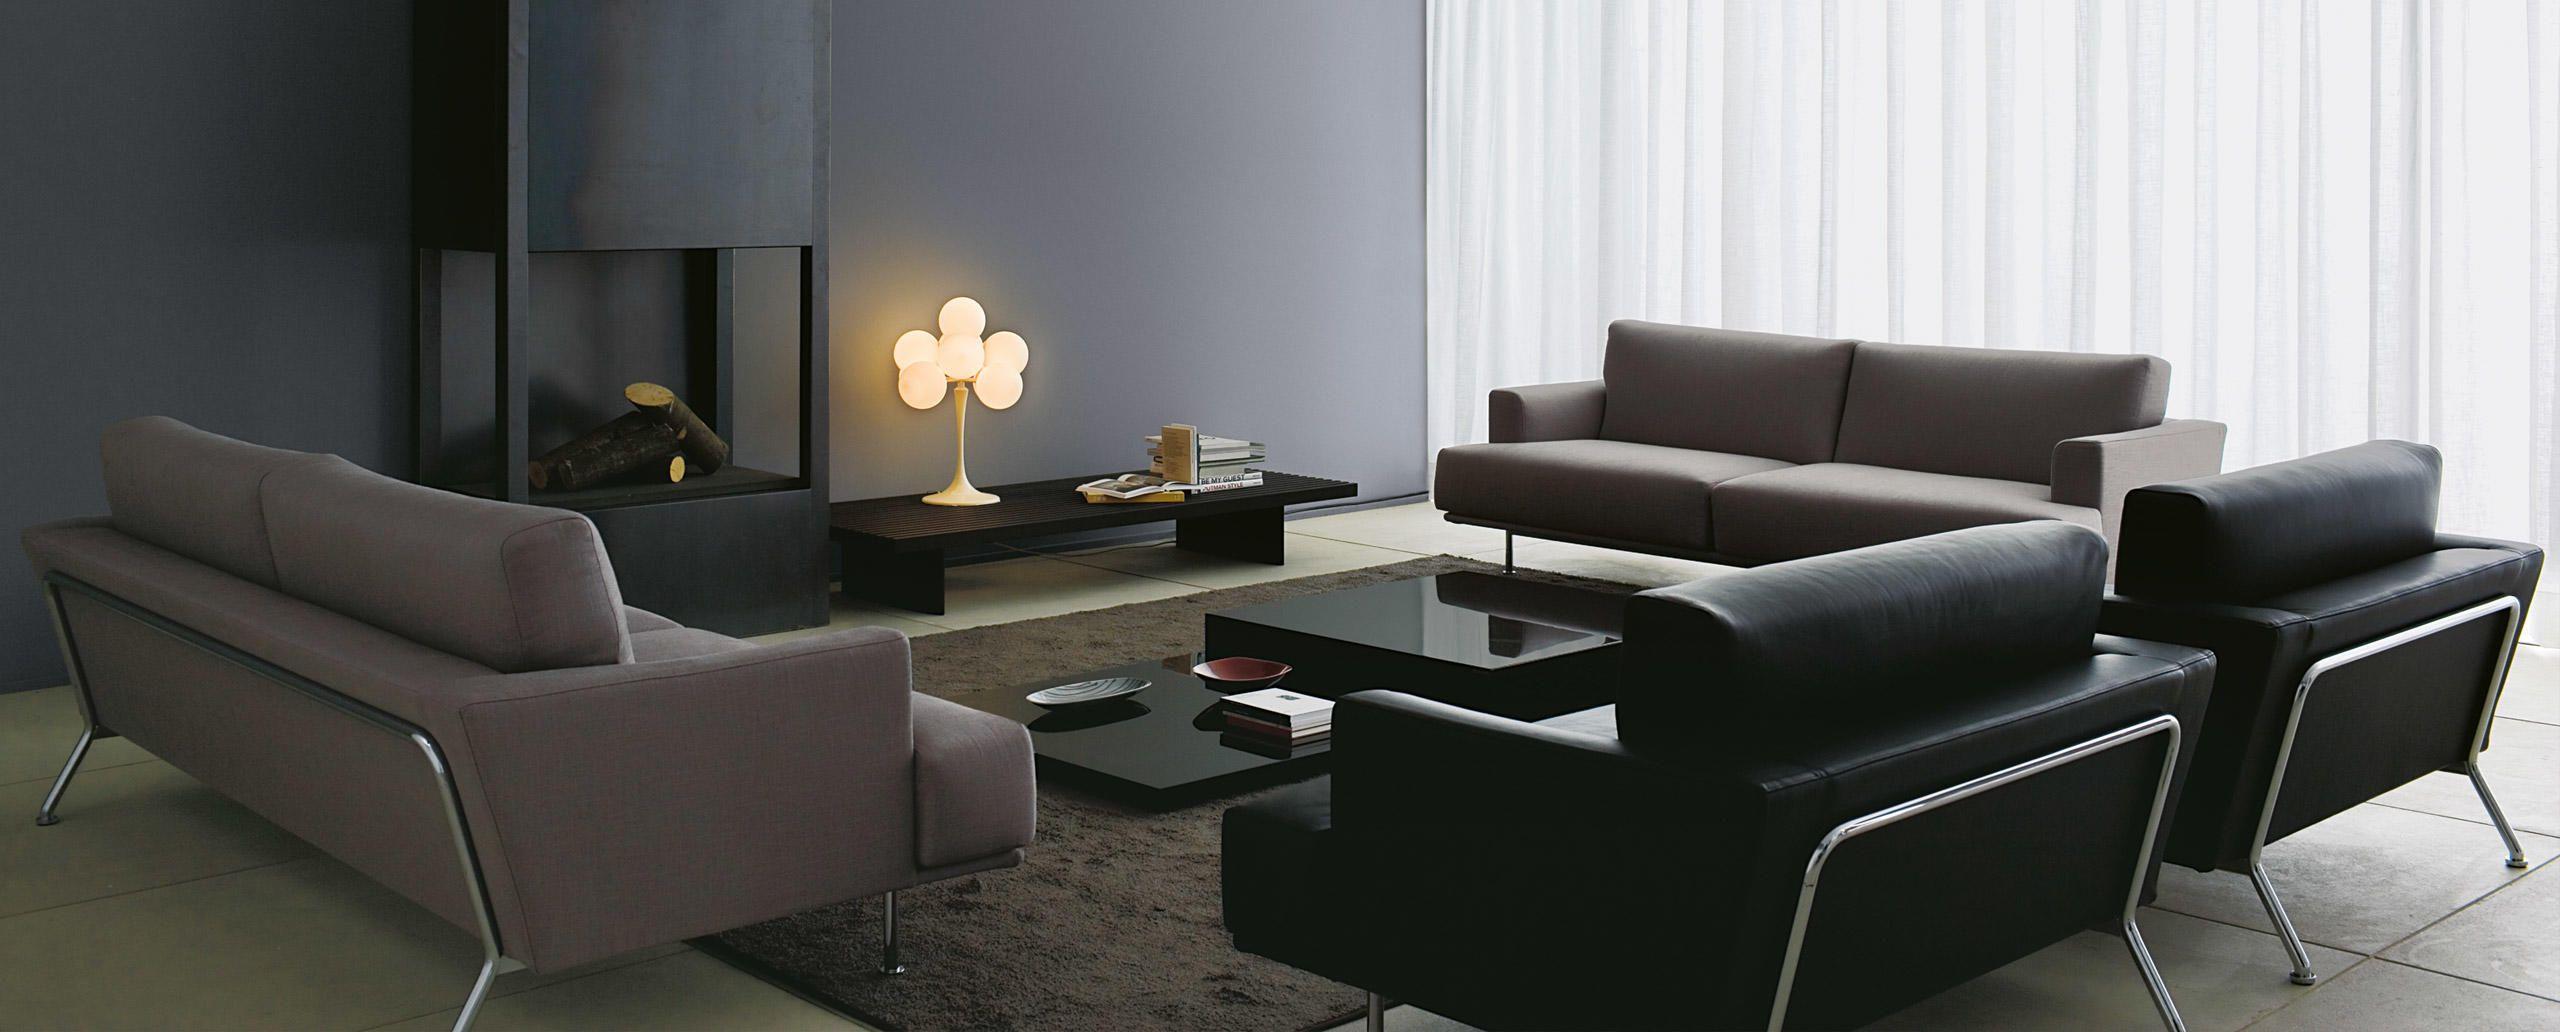 253 Nest Sofas By Piero Lissoni Cassina Sofa Design Cassina Sofas